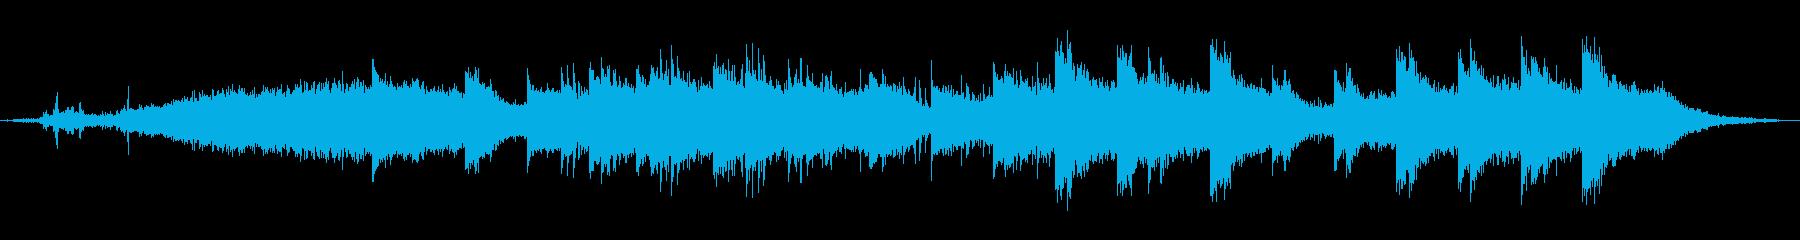 エレクトロニック 説明的 希望的 ...の再生済みの波形